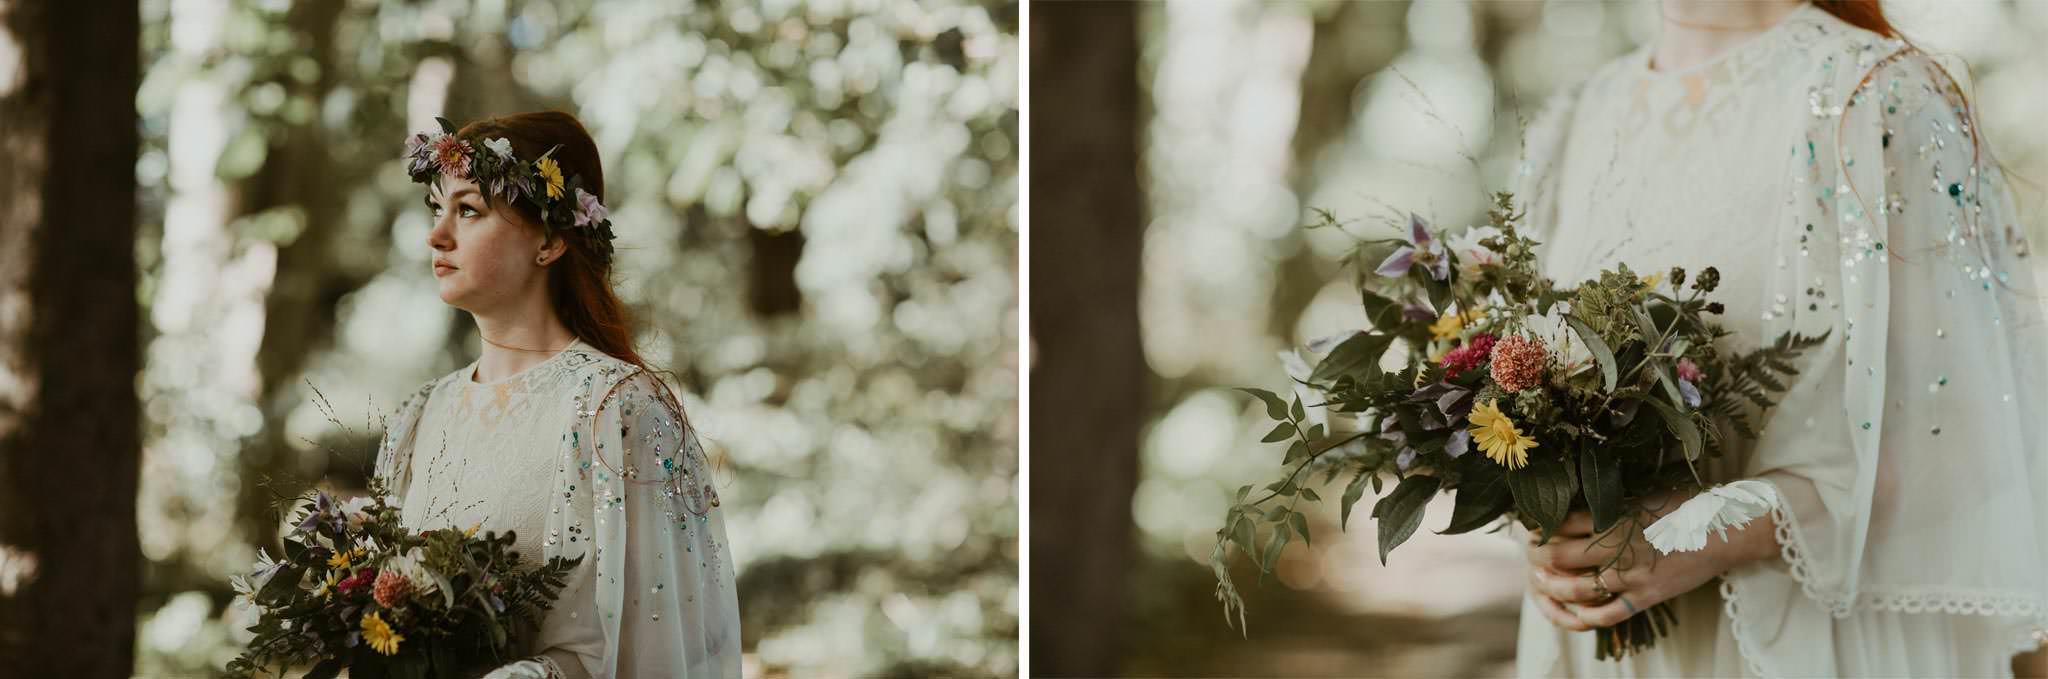 scottish-wedding-photography-099